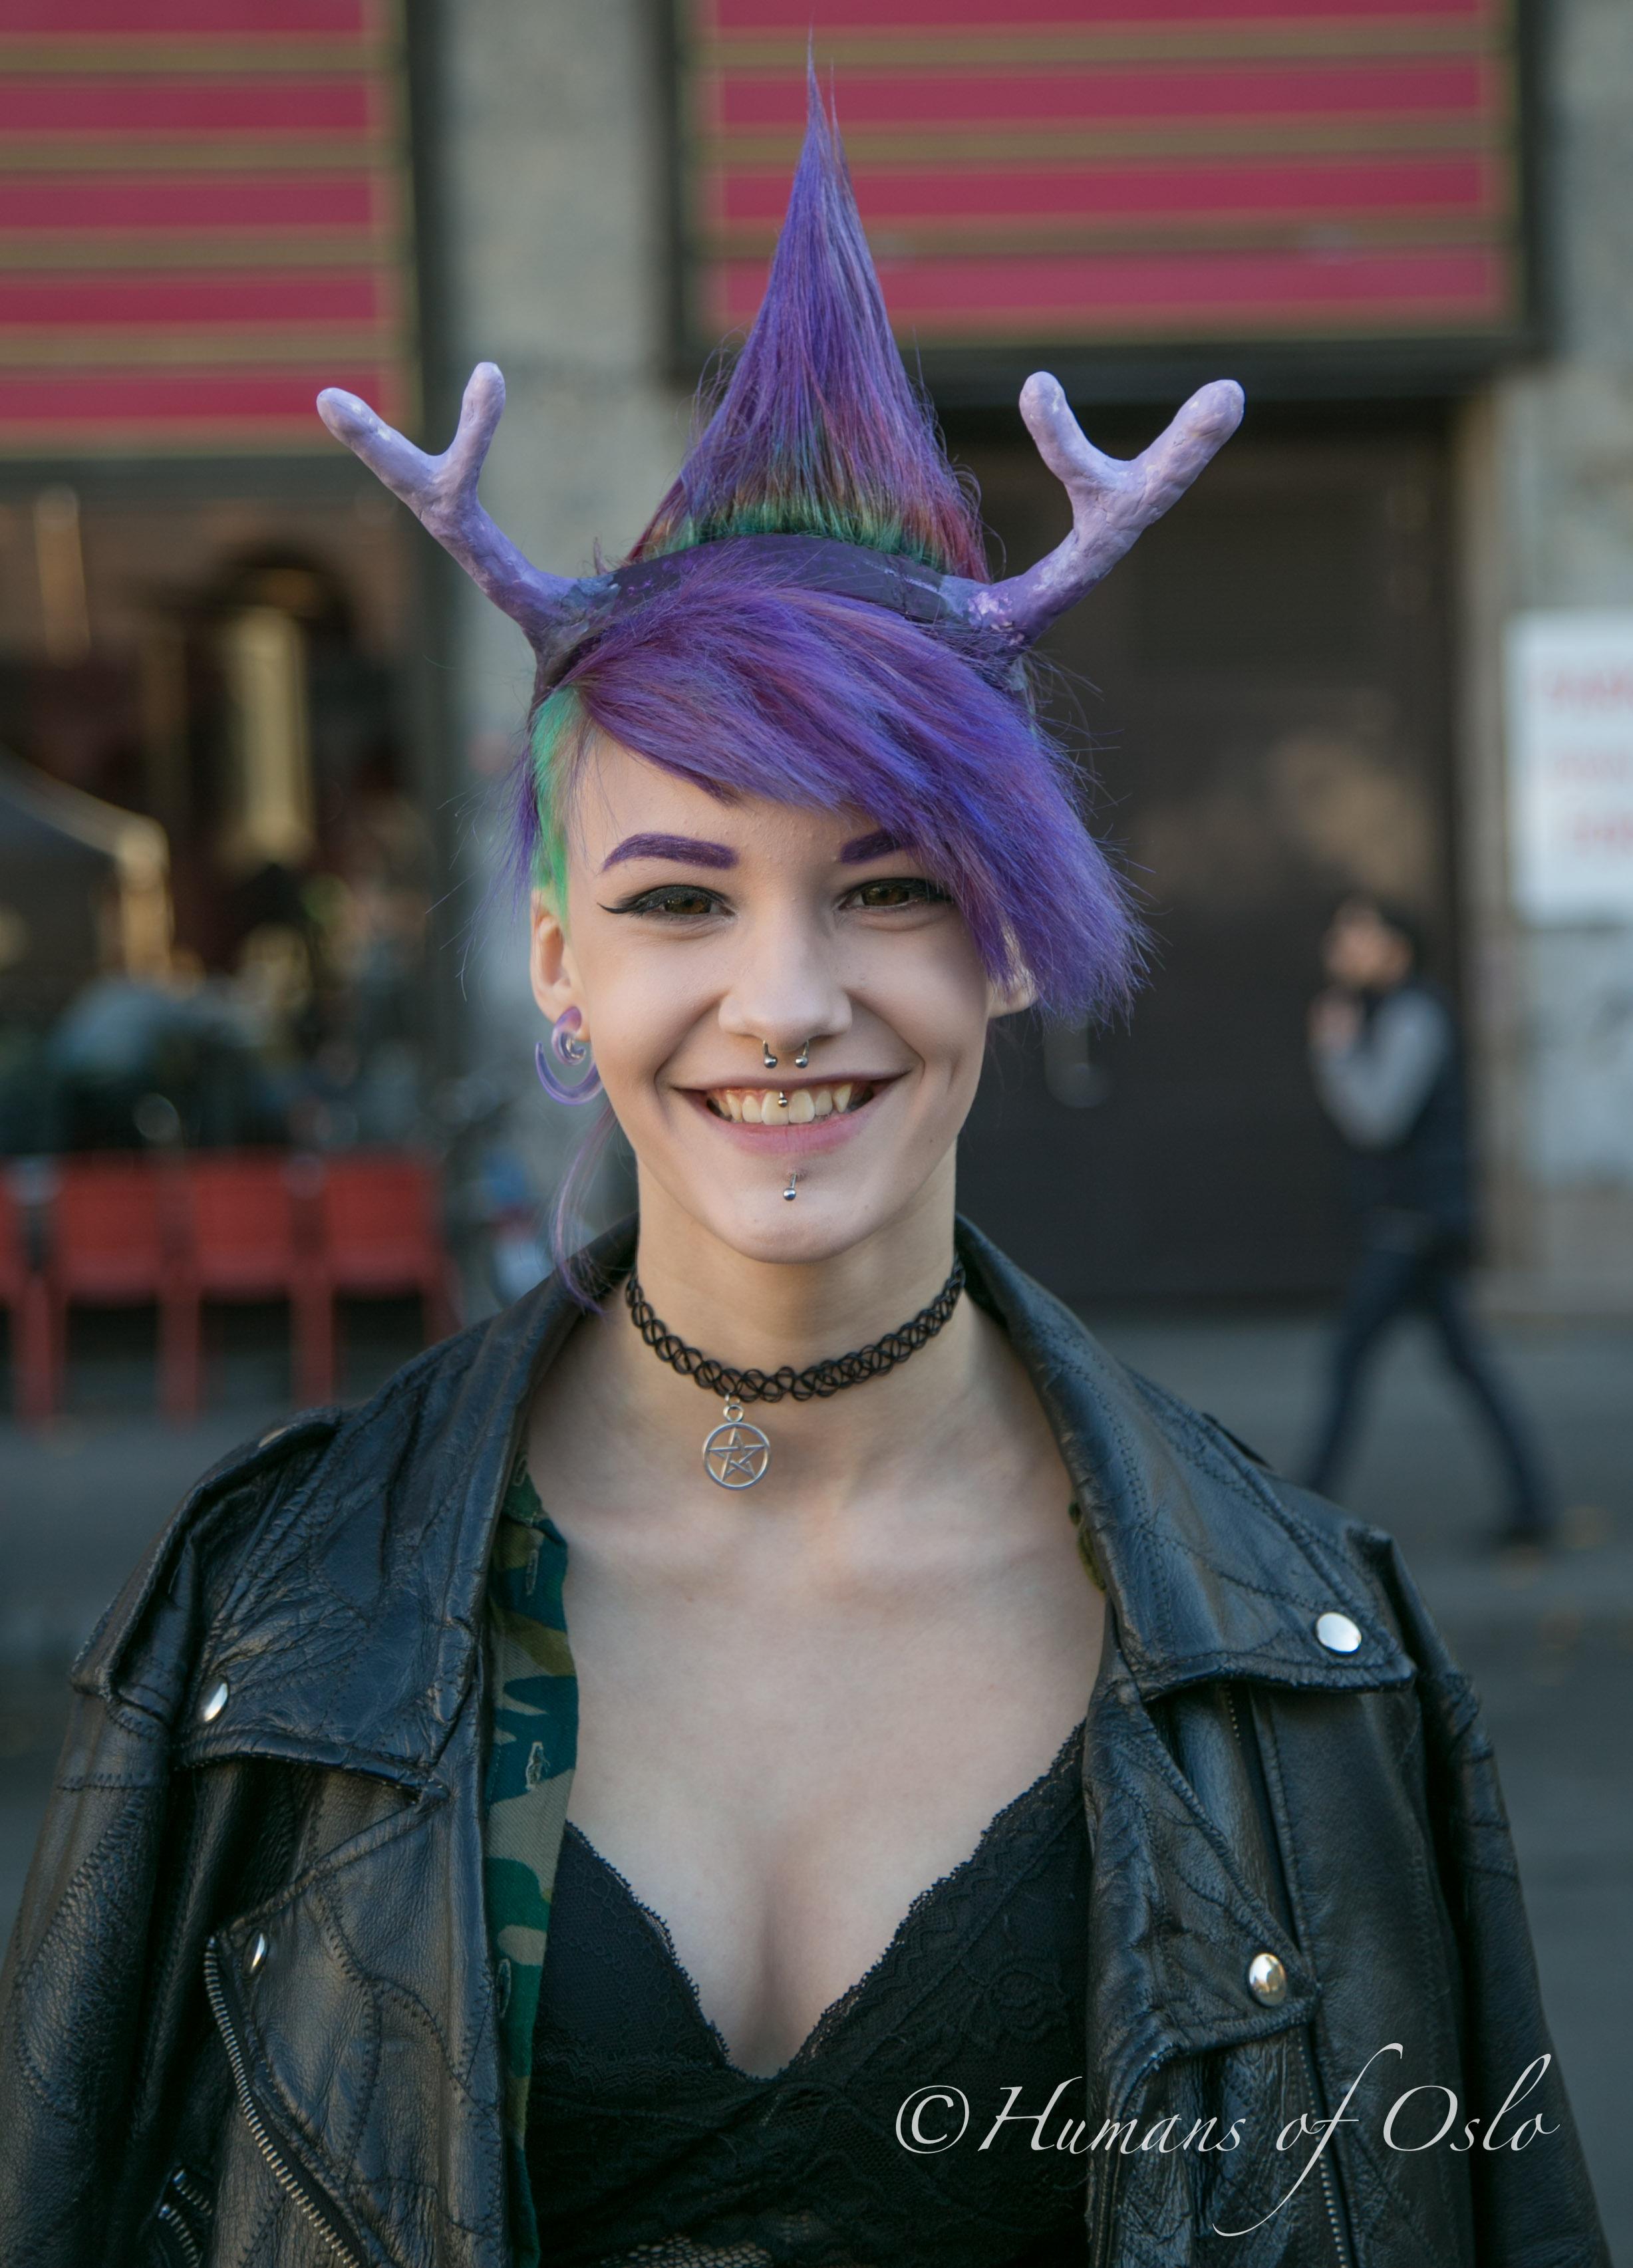 flirt.com møt single kvinner på nettet via vår datingside kåte eldre damer østfold